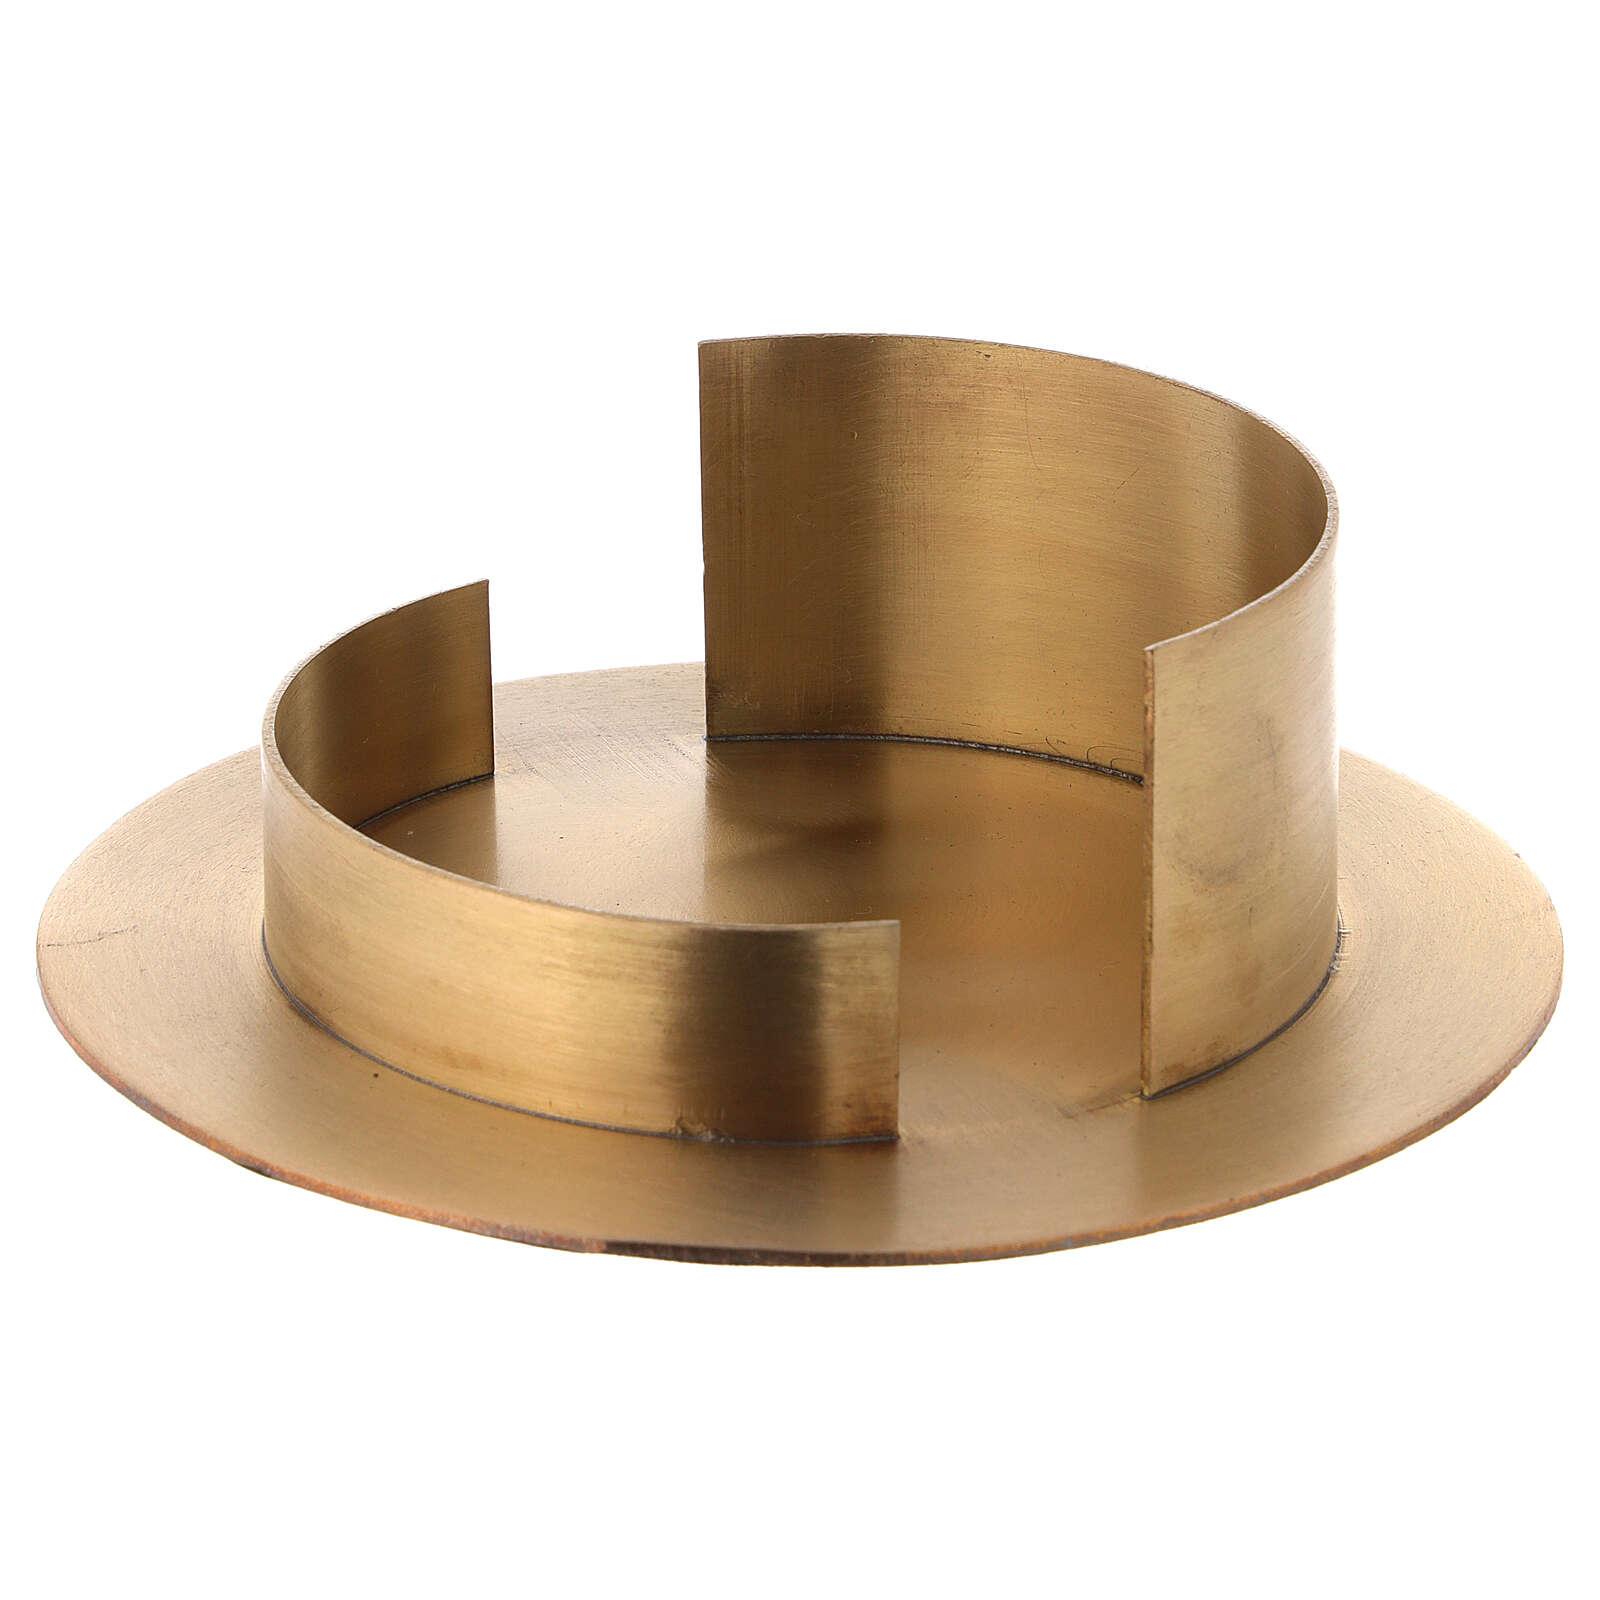 Base per candele diametro 10 cm ottone dorato satinato 4